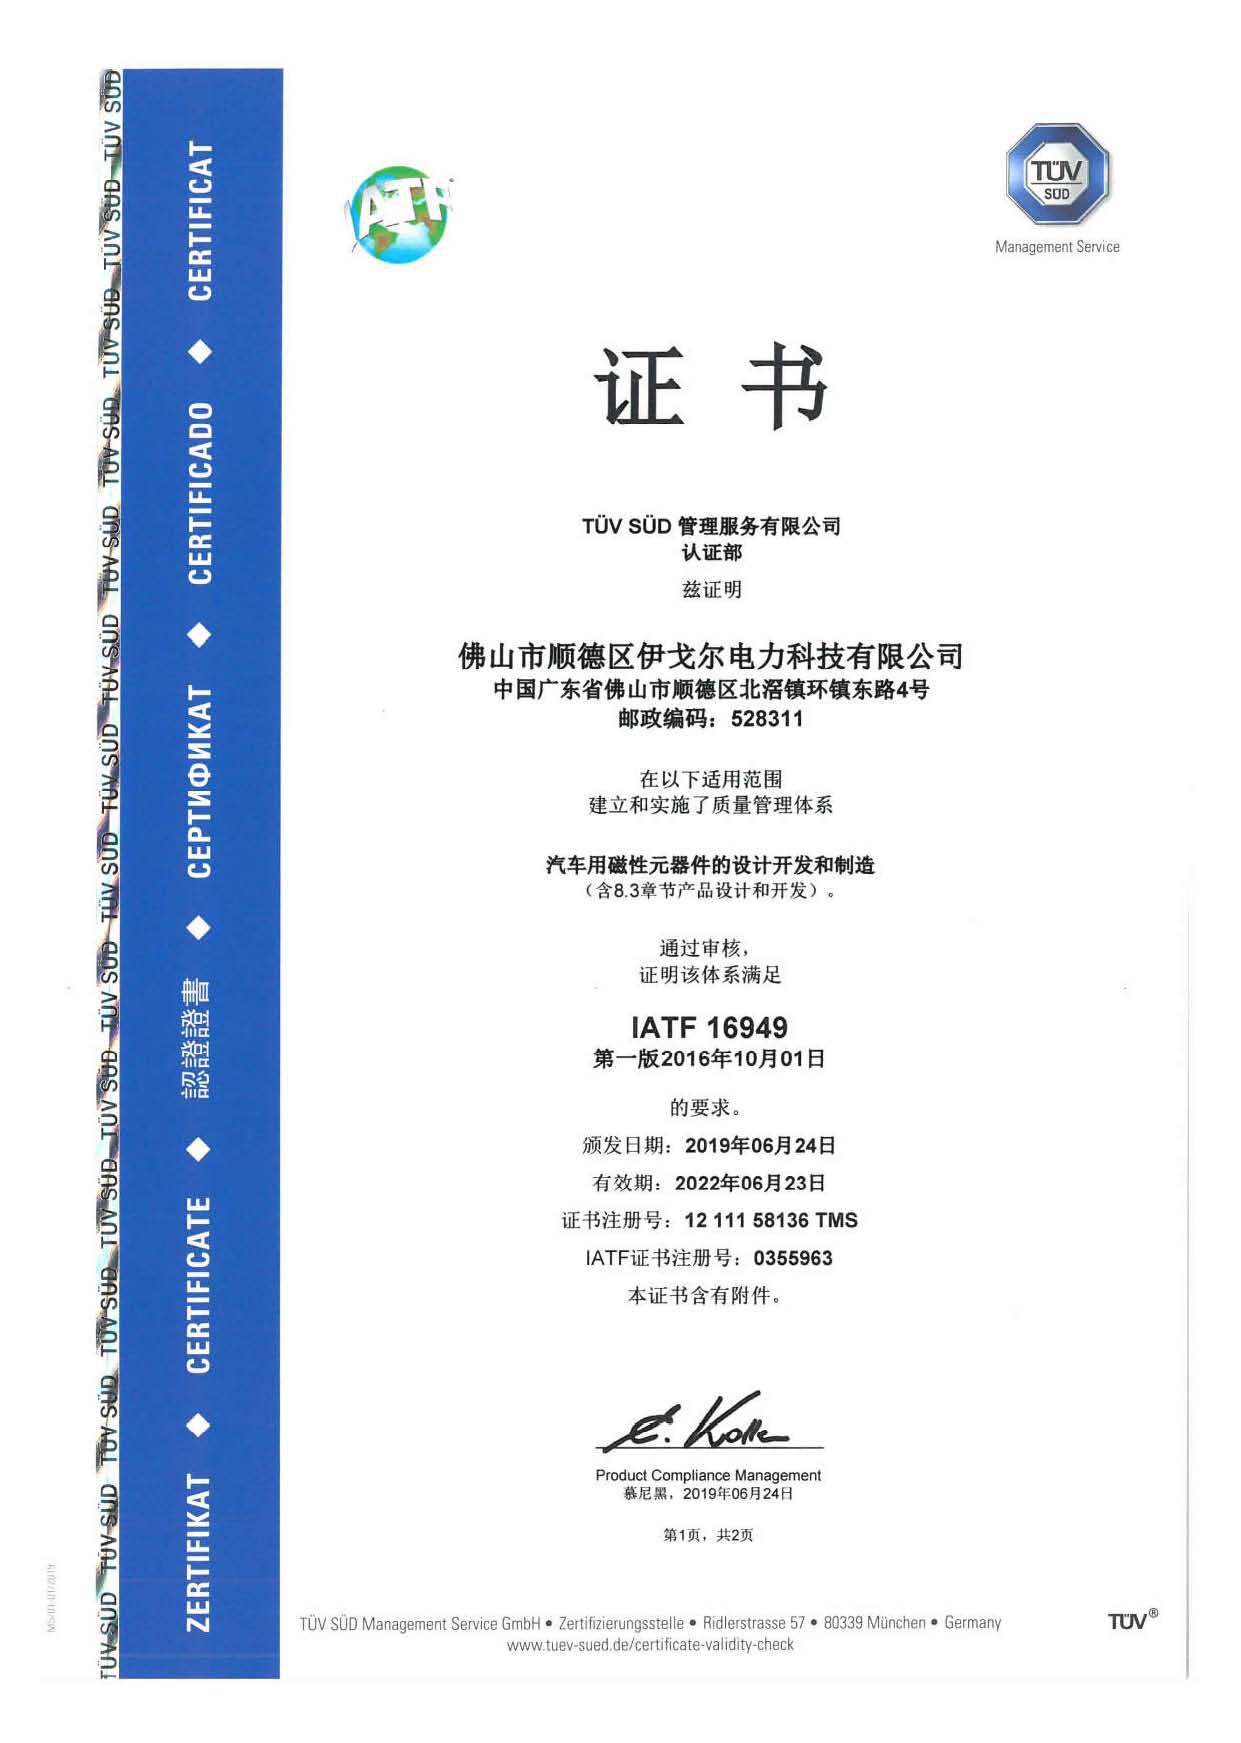 伊戈尔顺利通过汽车IATF16949体系认证